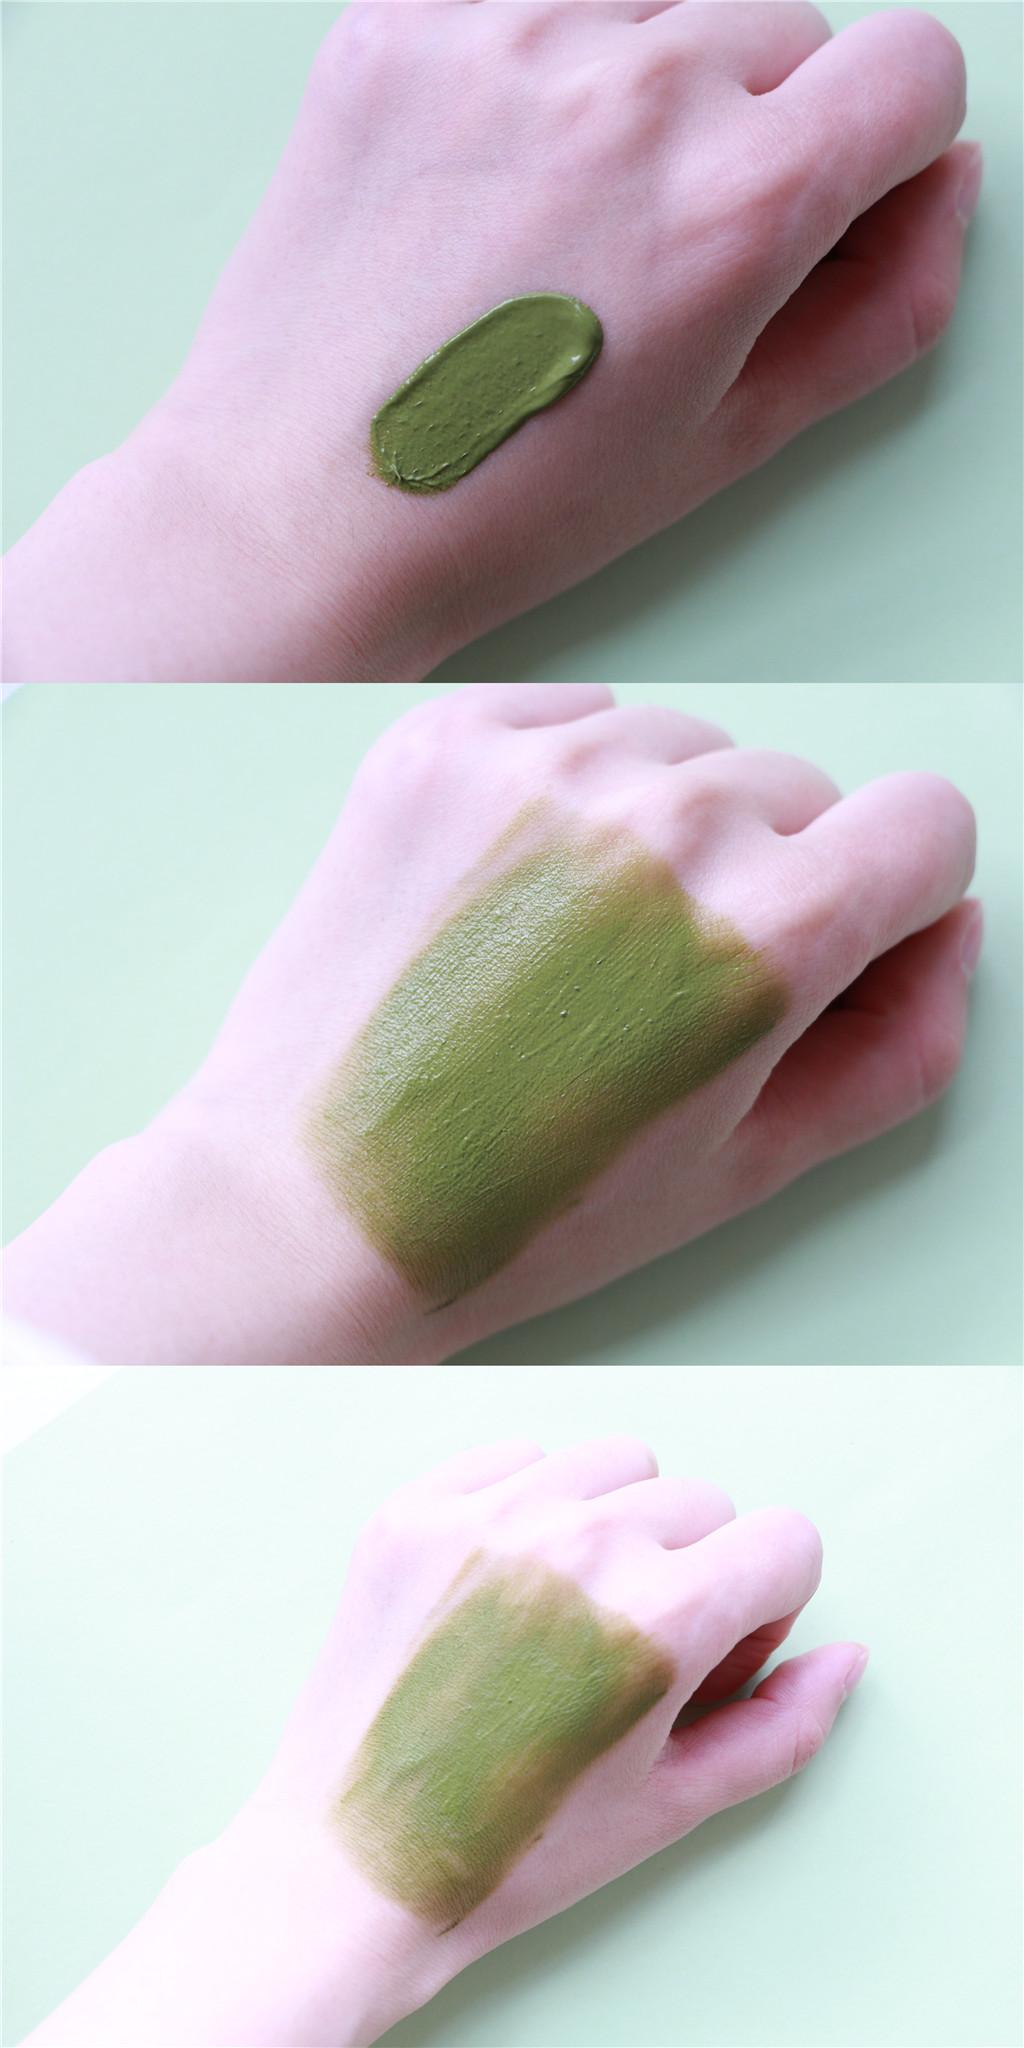 让毛孔自由呼吸 草木之心抹茶绿泥面膜